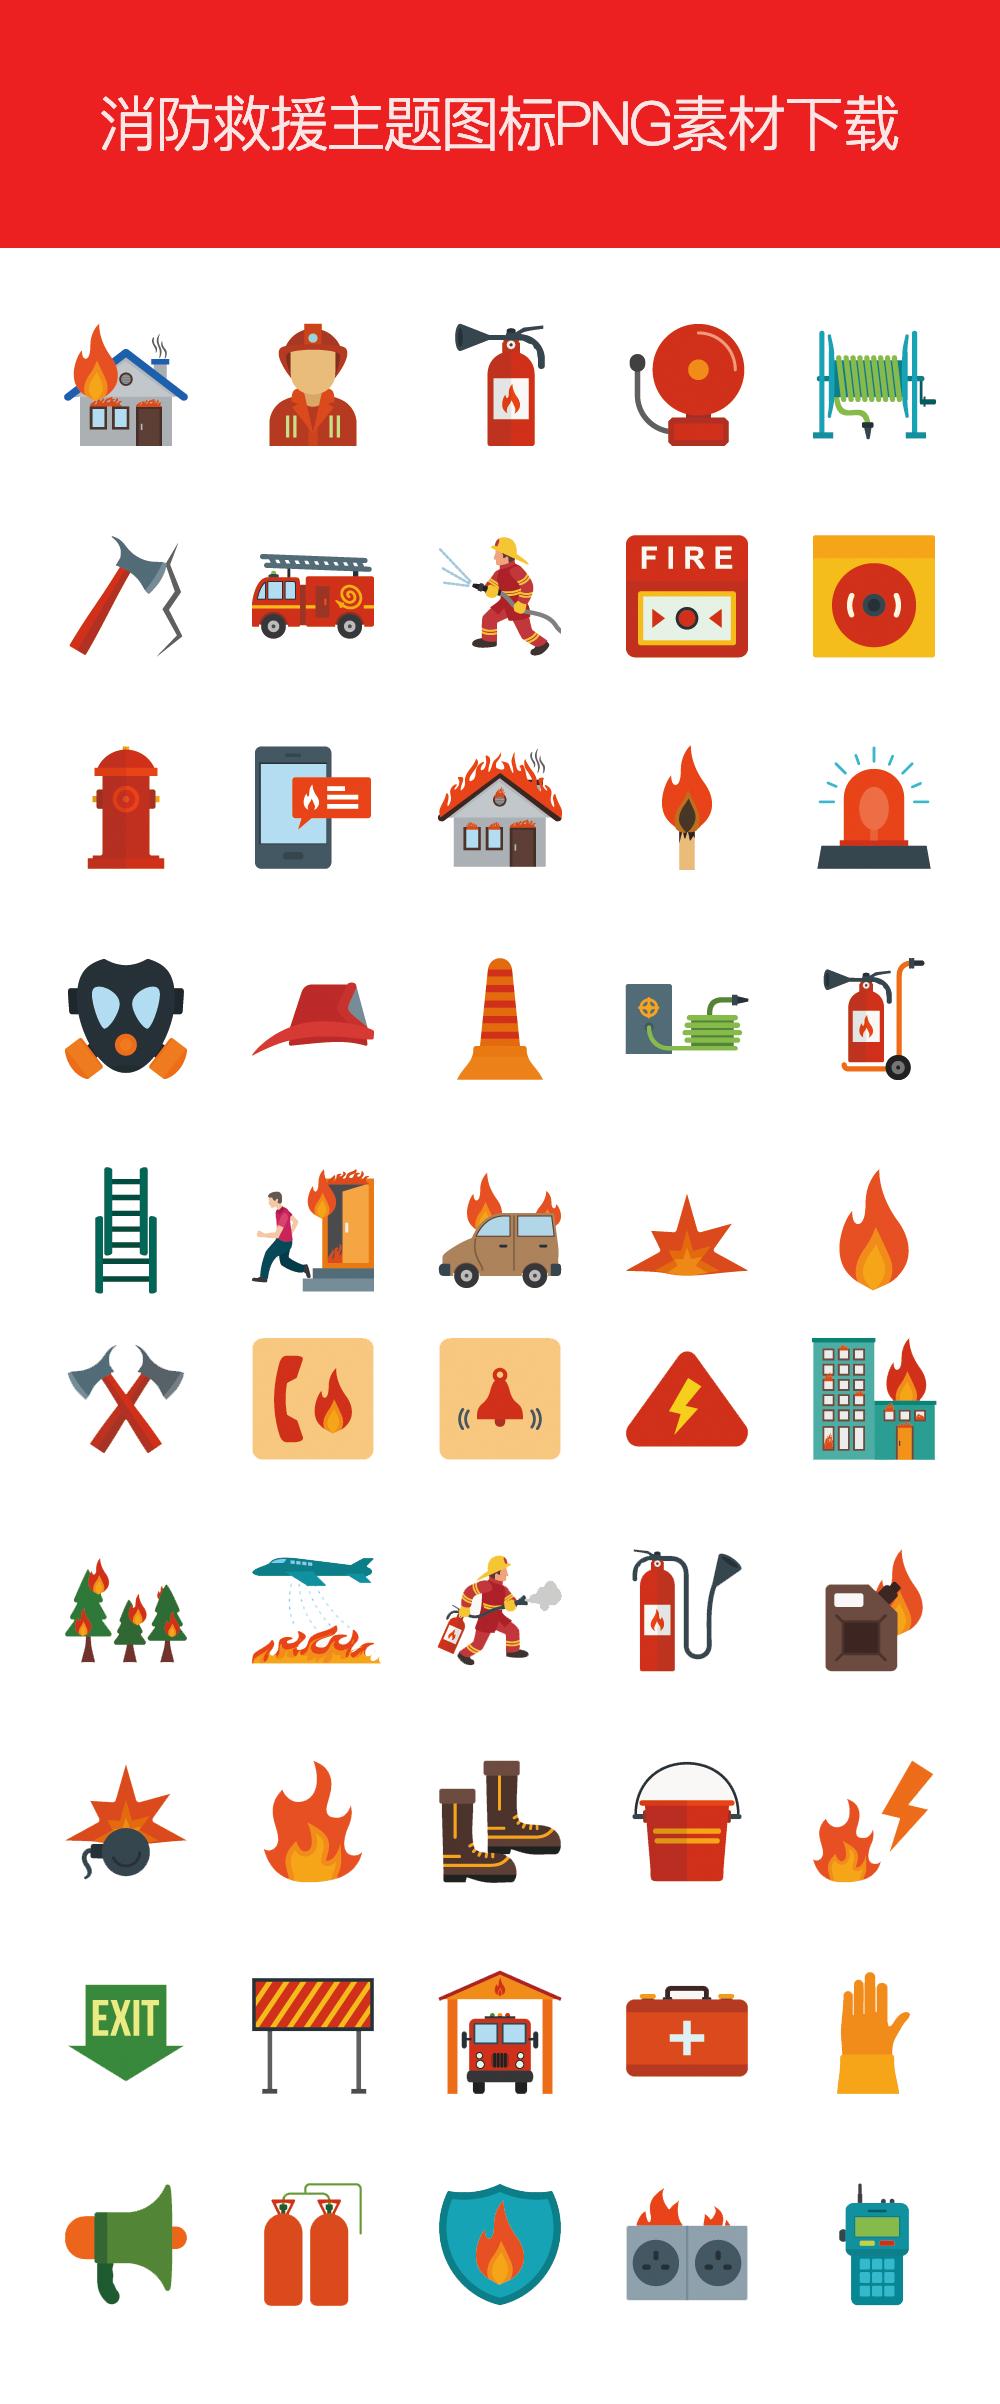 火警消防救援主题图标PNG素材